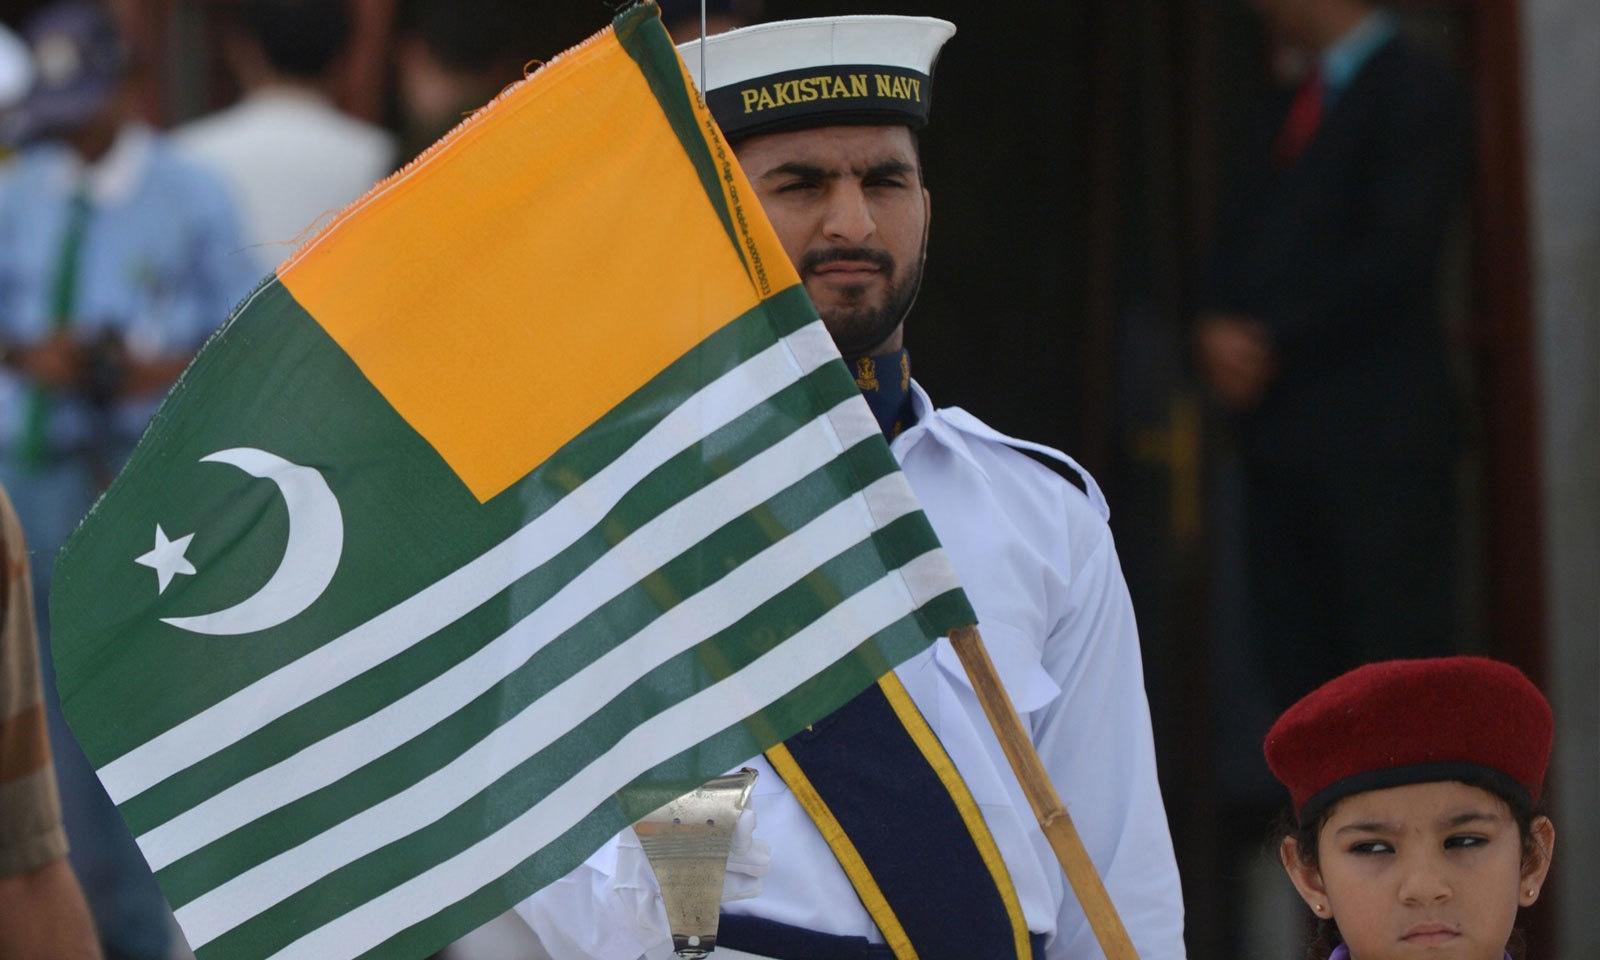 یوم آزادی کو یوم یکجہتی کشمیر کے طور پر منایا گیا — فوٹو: اے ایف  پی